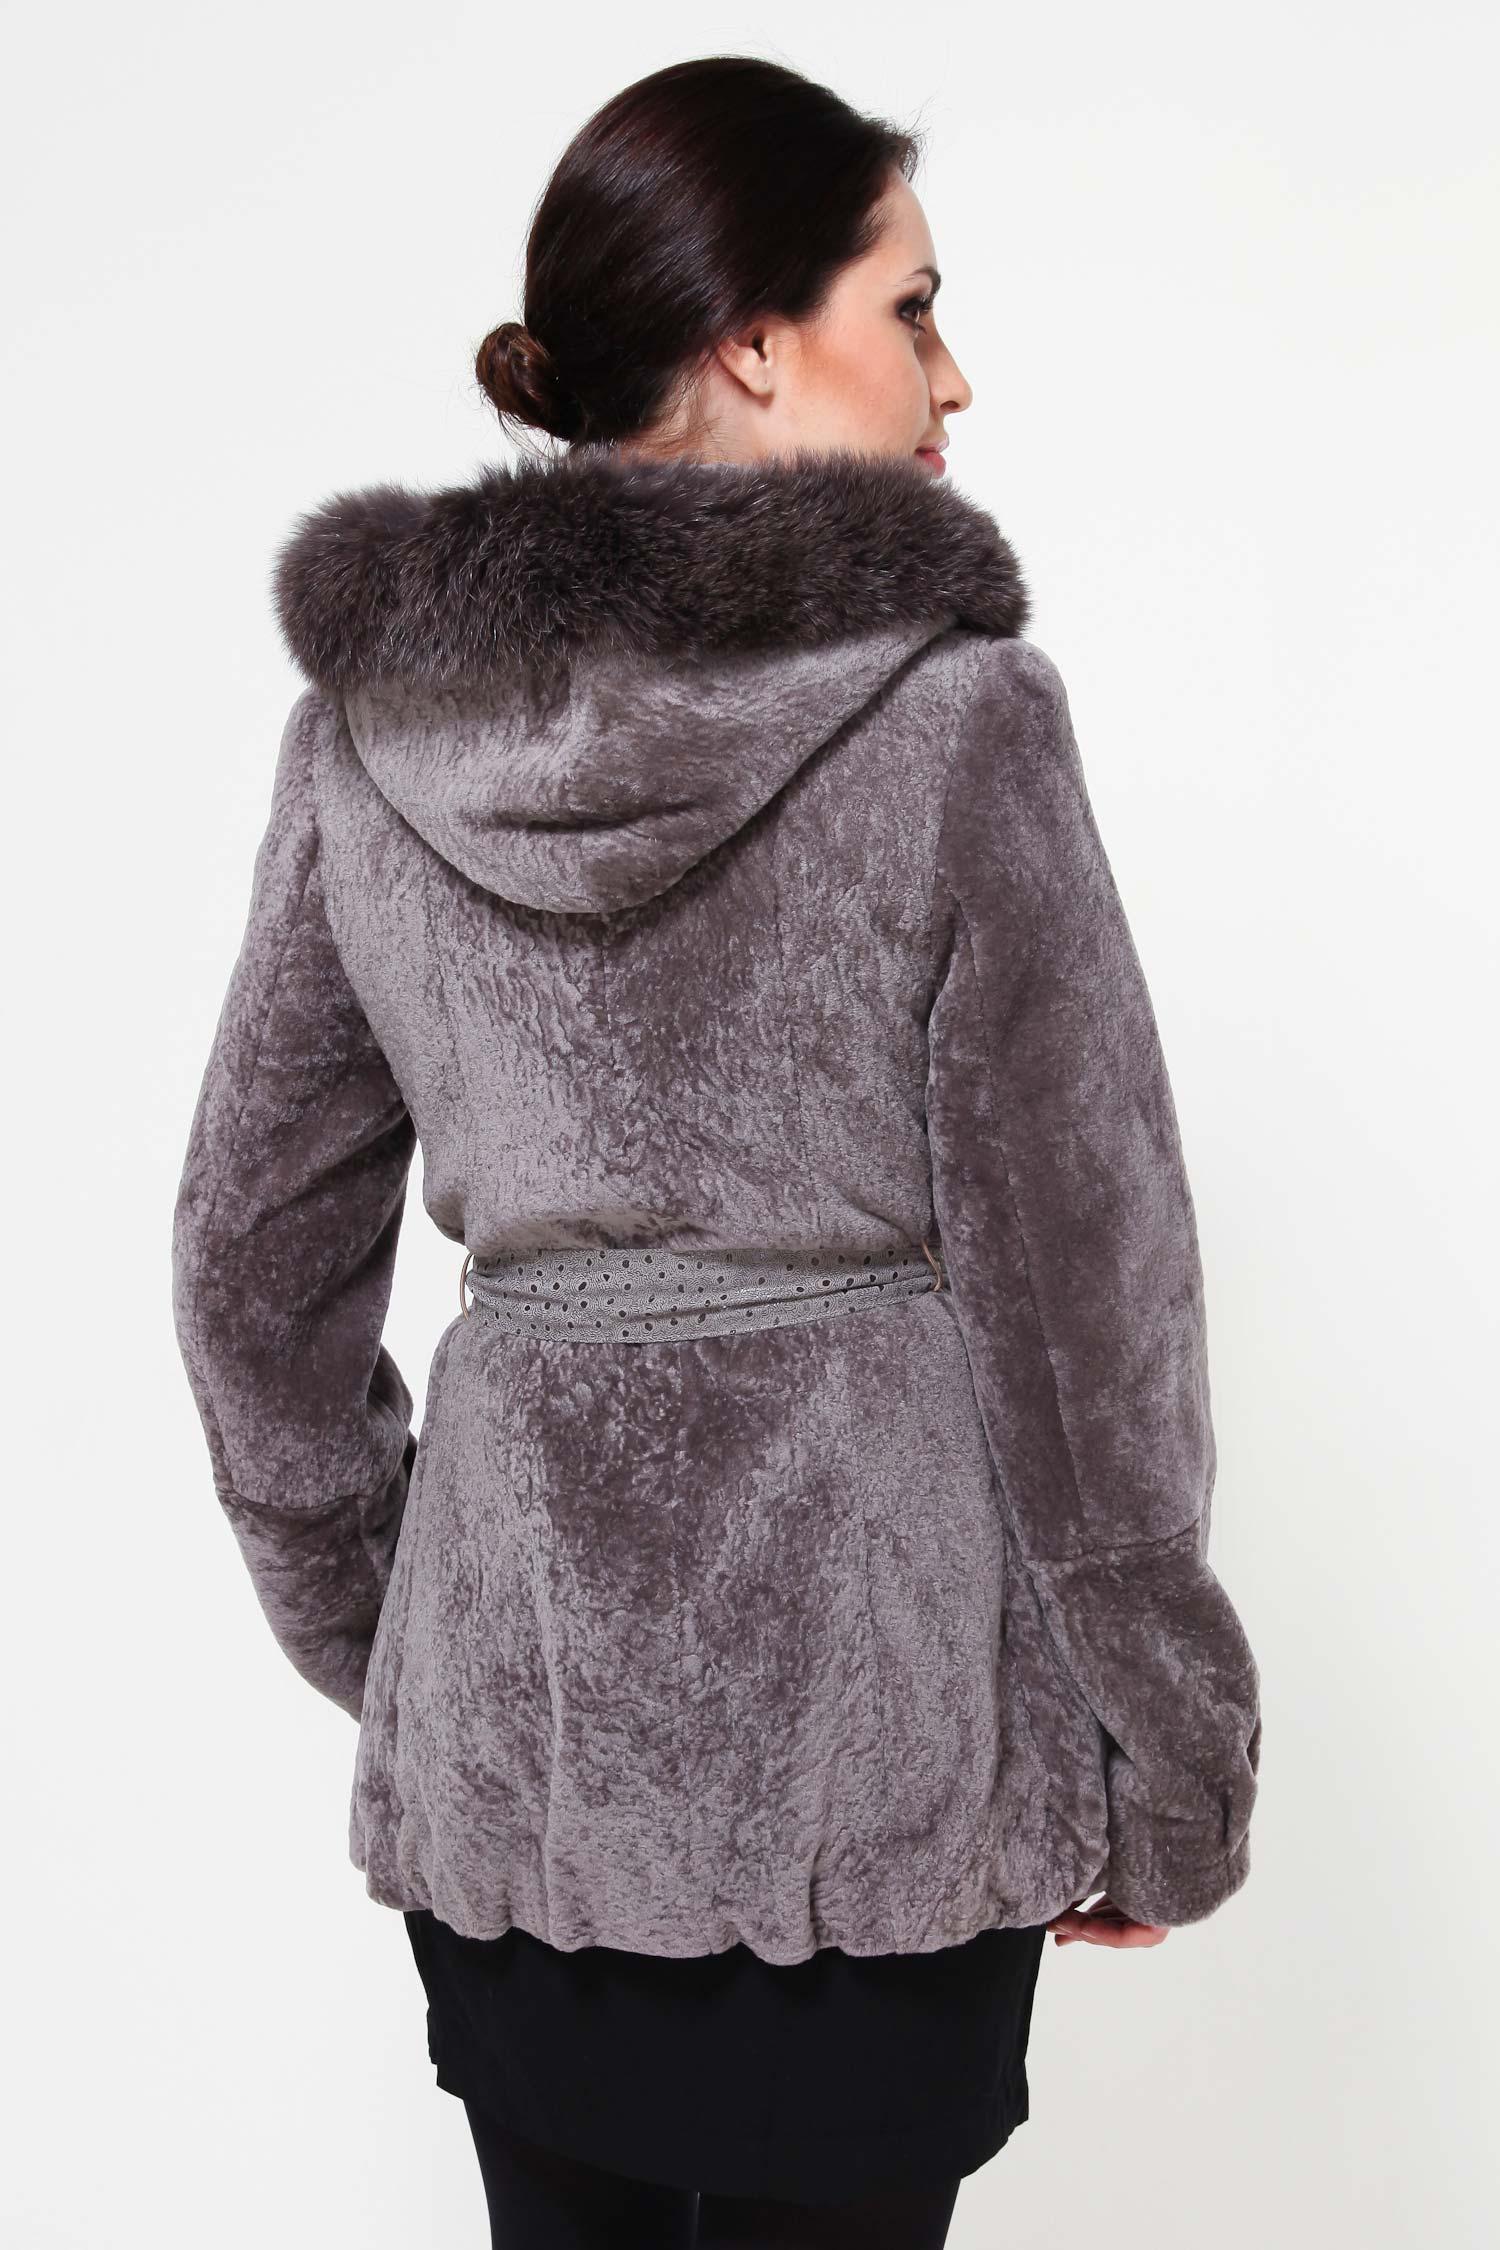 Куртка из астрагана с капюшоном, отделка песец от Московская Меховая Компания